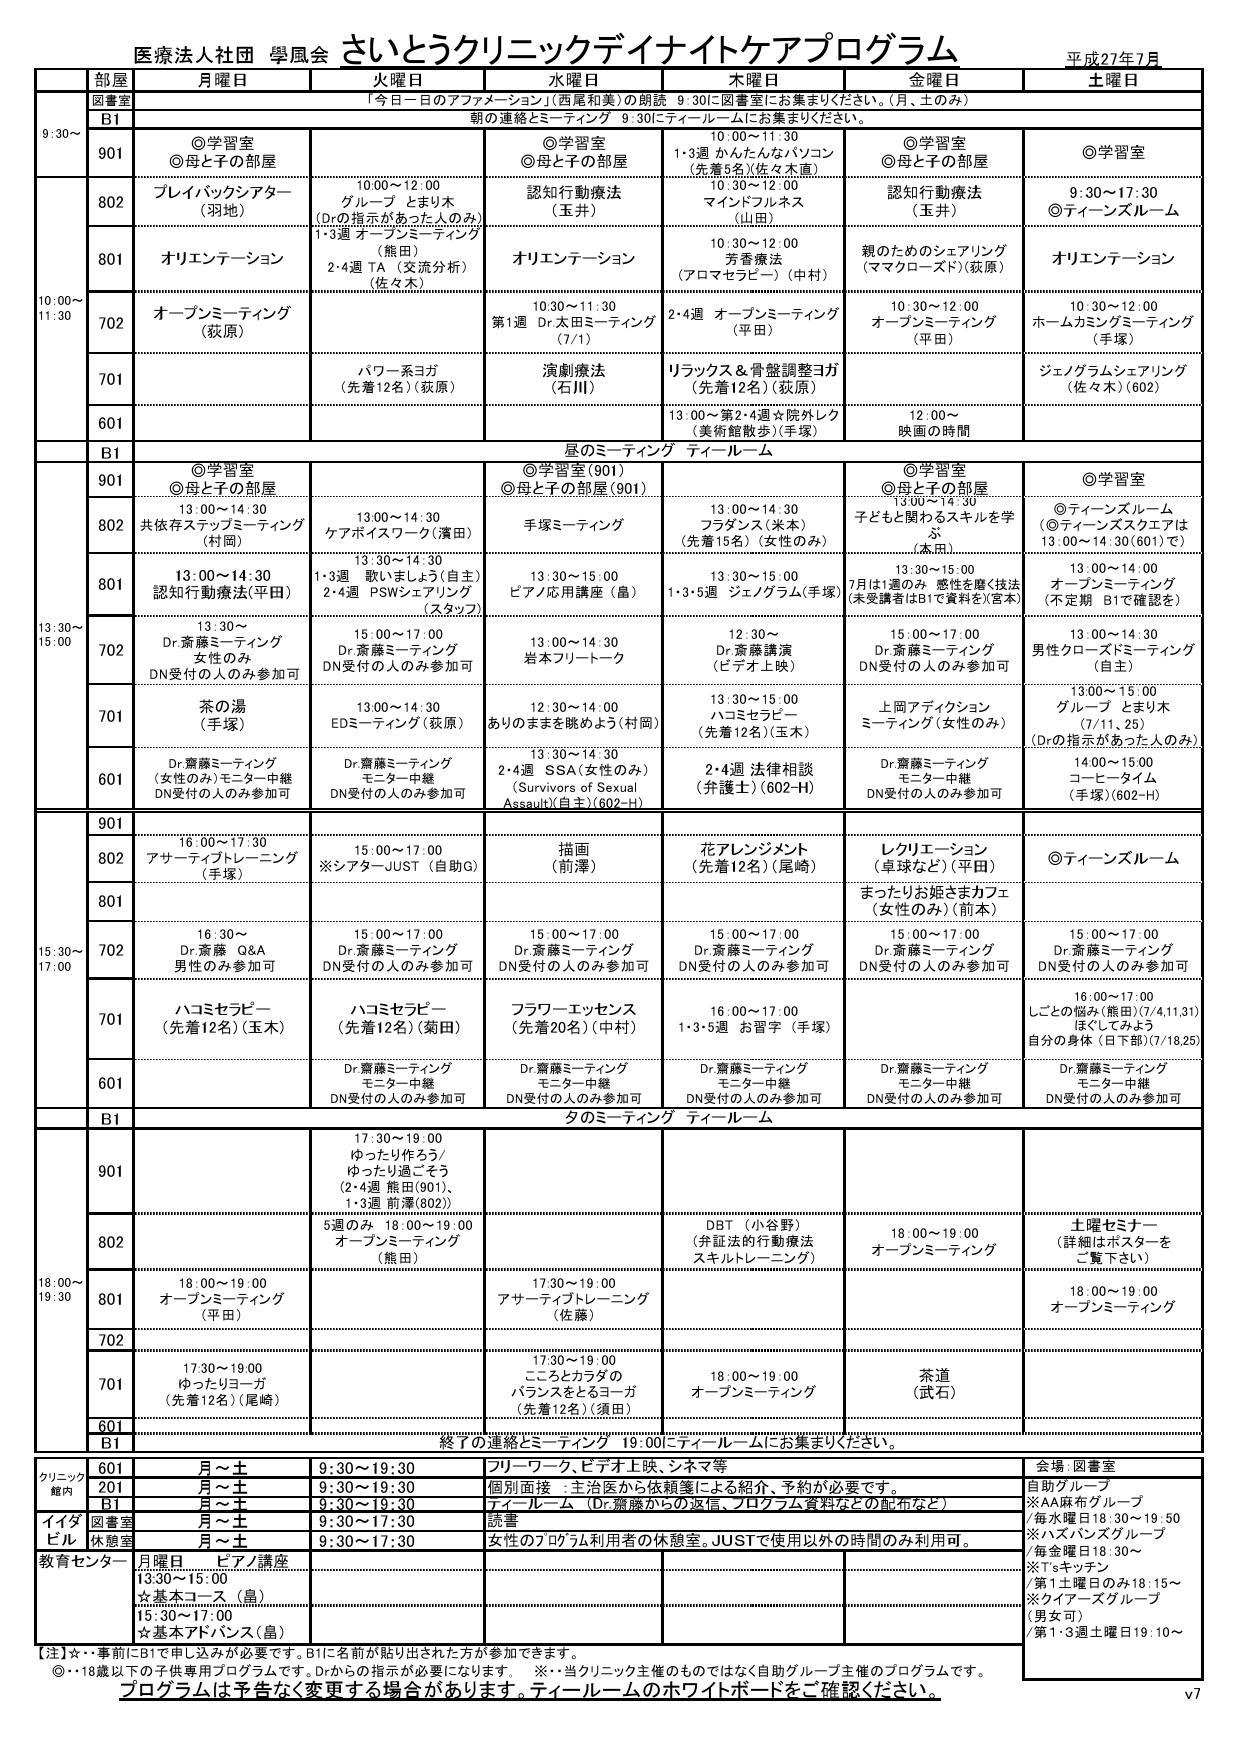 201507月プログラム進行表0001